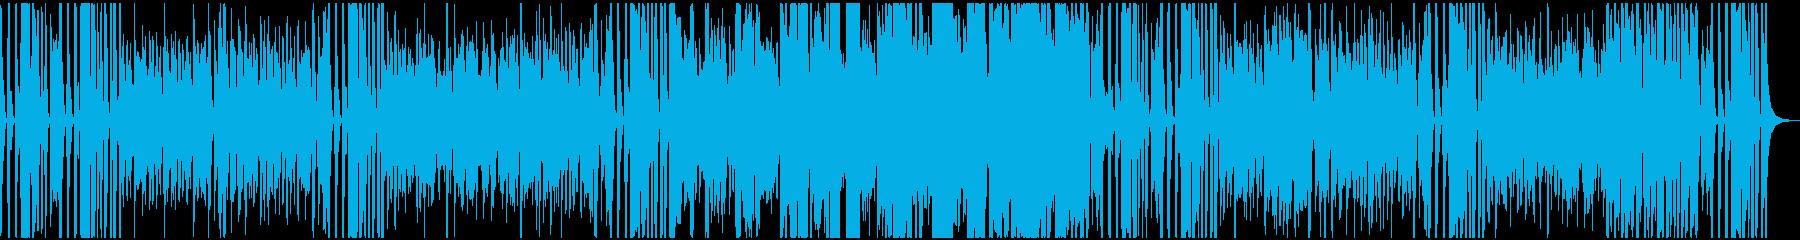 壮大 バンド スイング スタイリッ...の再生済みの波形